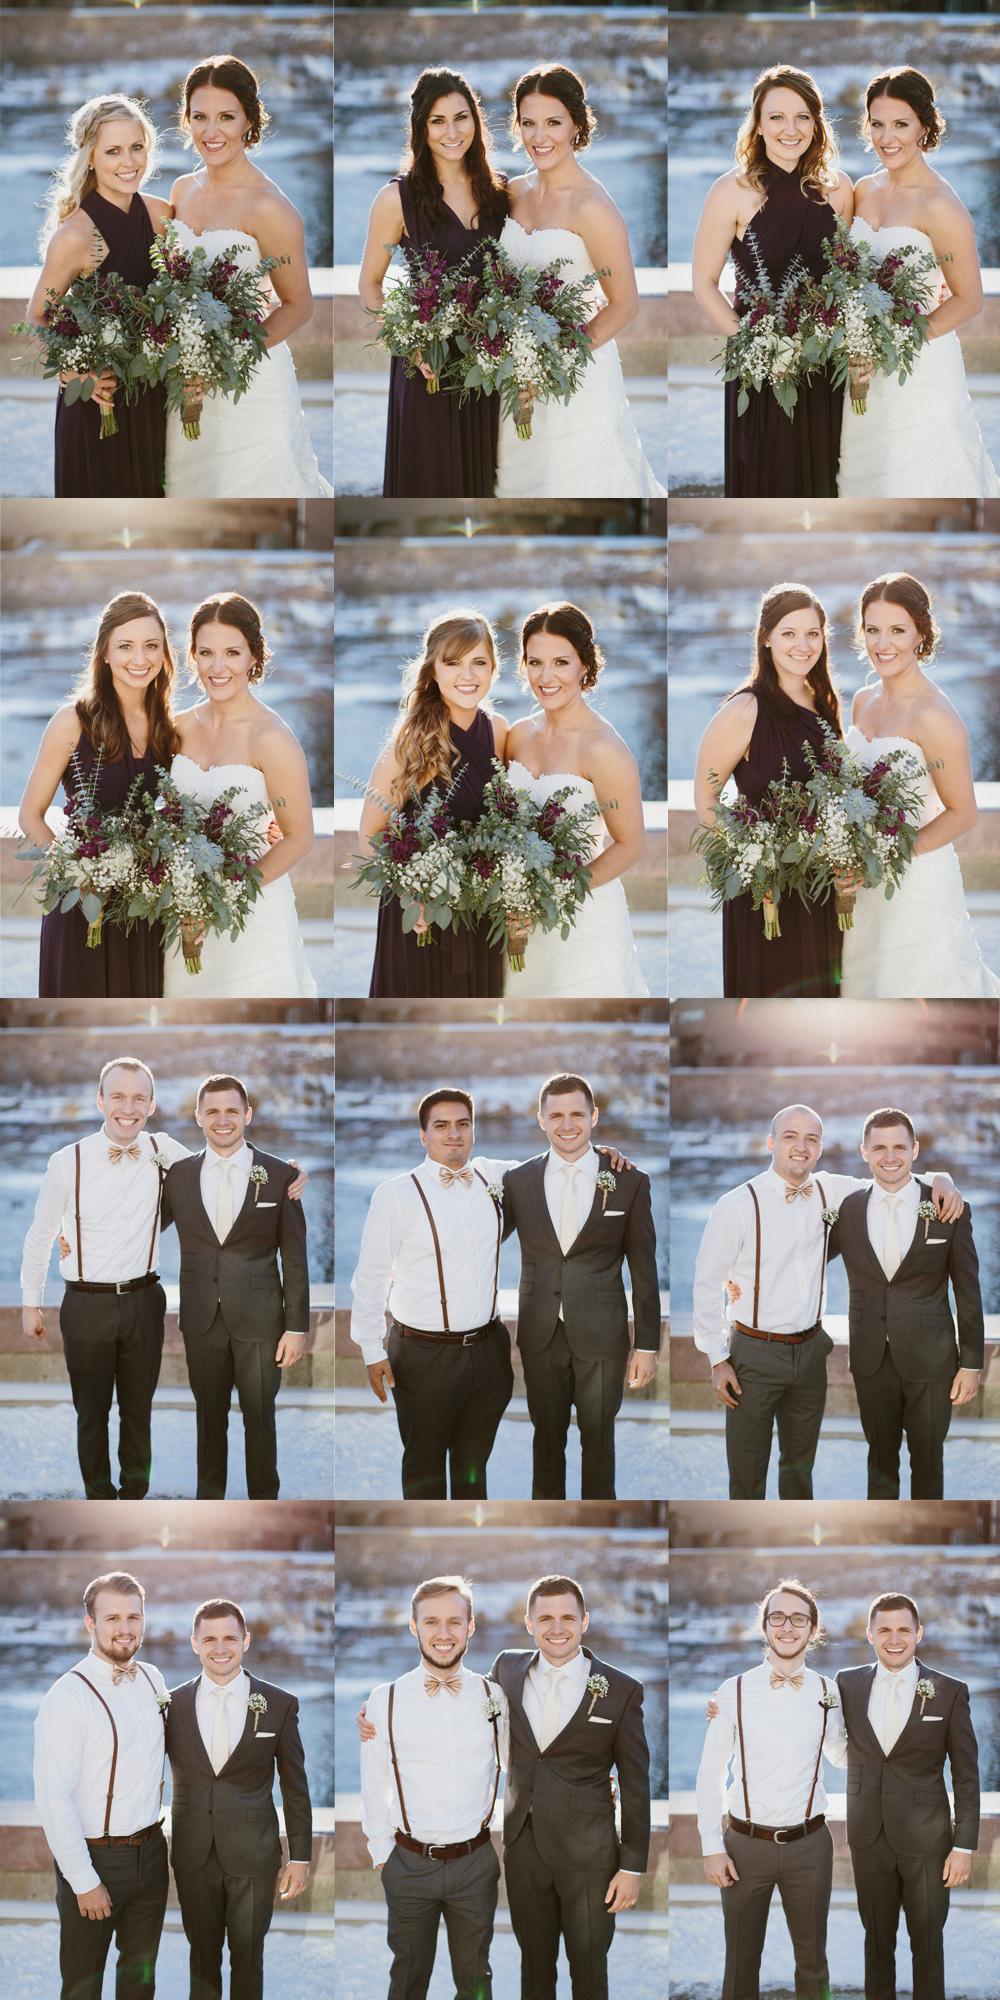 israel&aubrey_siouxfalls_wedding_photographer_90.jpg